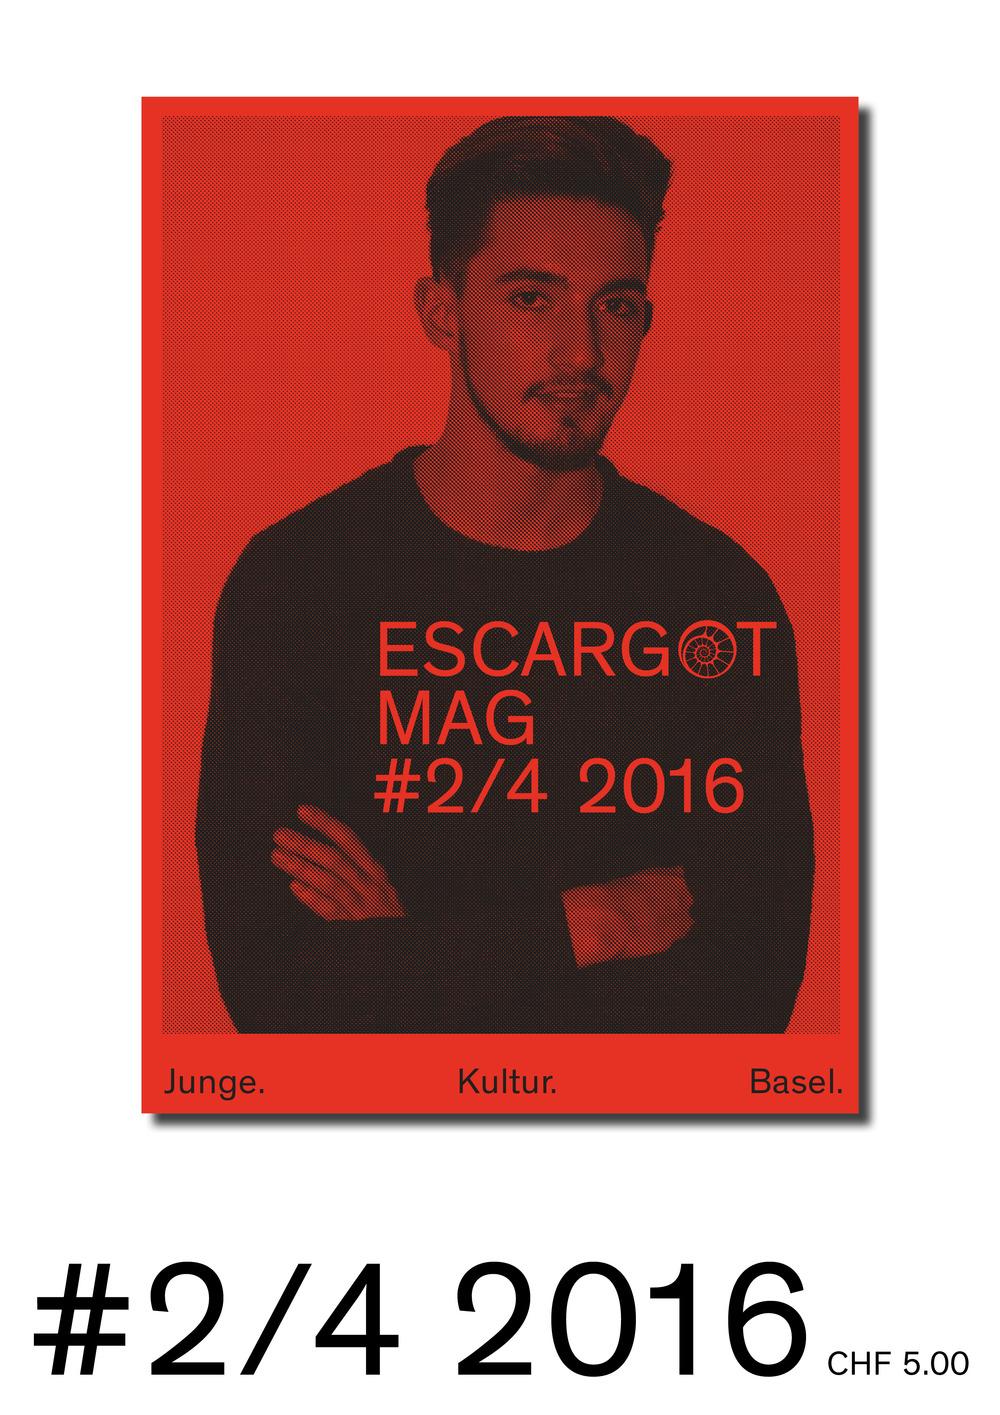 Escargot MAG #2/4 2016